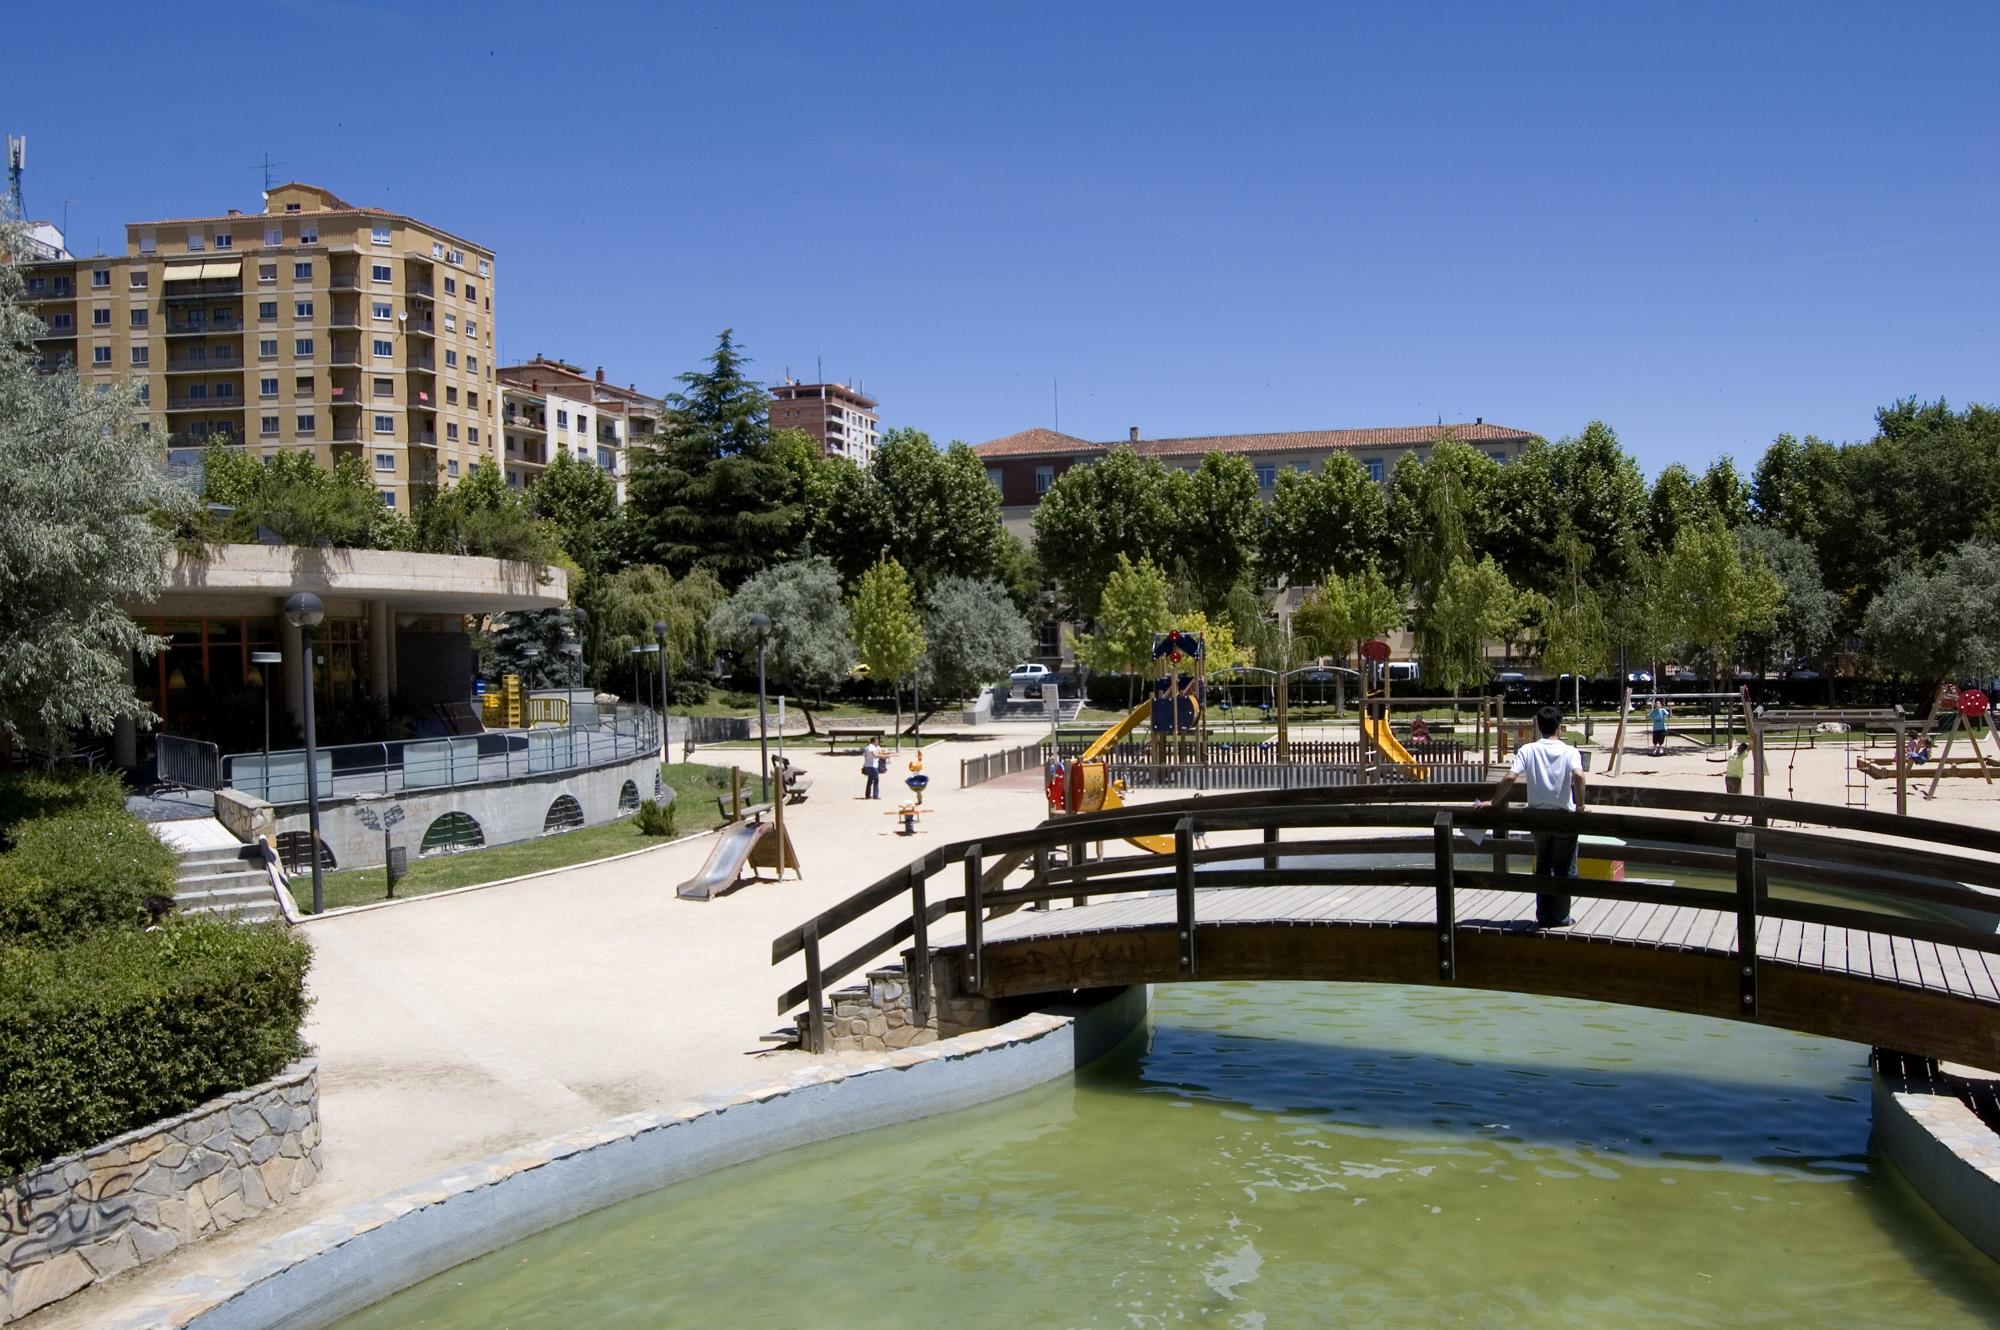 Visita Zamora en tren o AVE. Mejores sitios para conocer en un fin de semana. 1